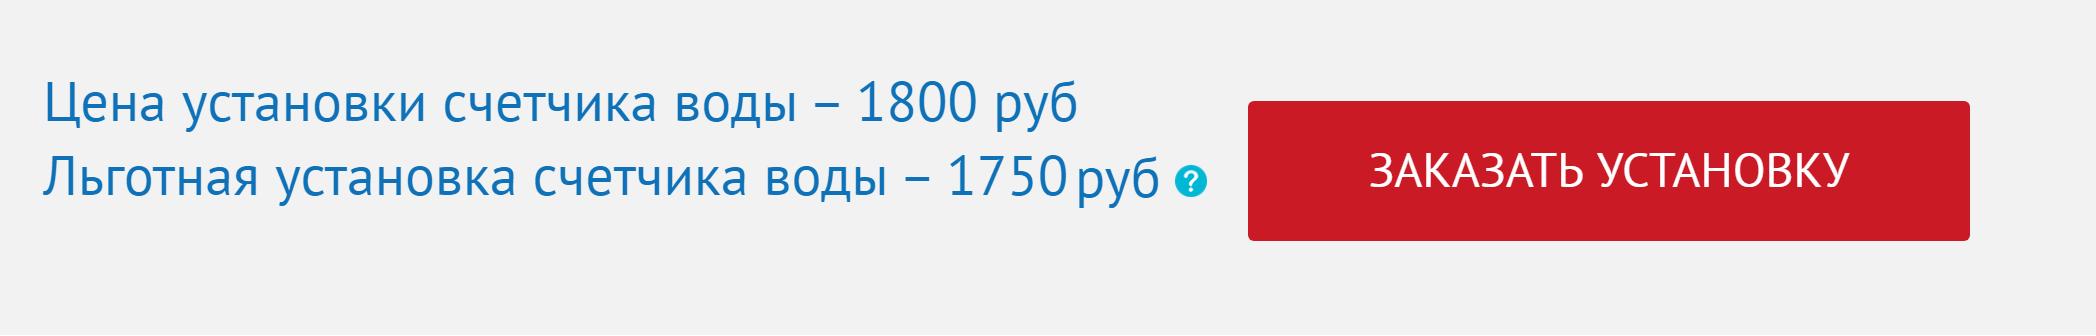 Цены на установку счетчиков в одной из компаний Москвы